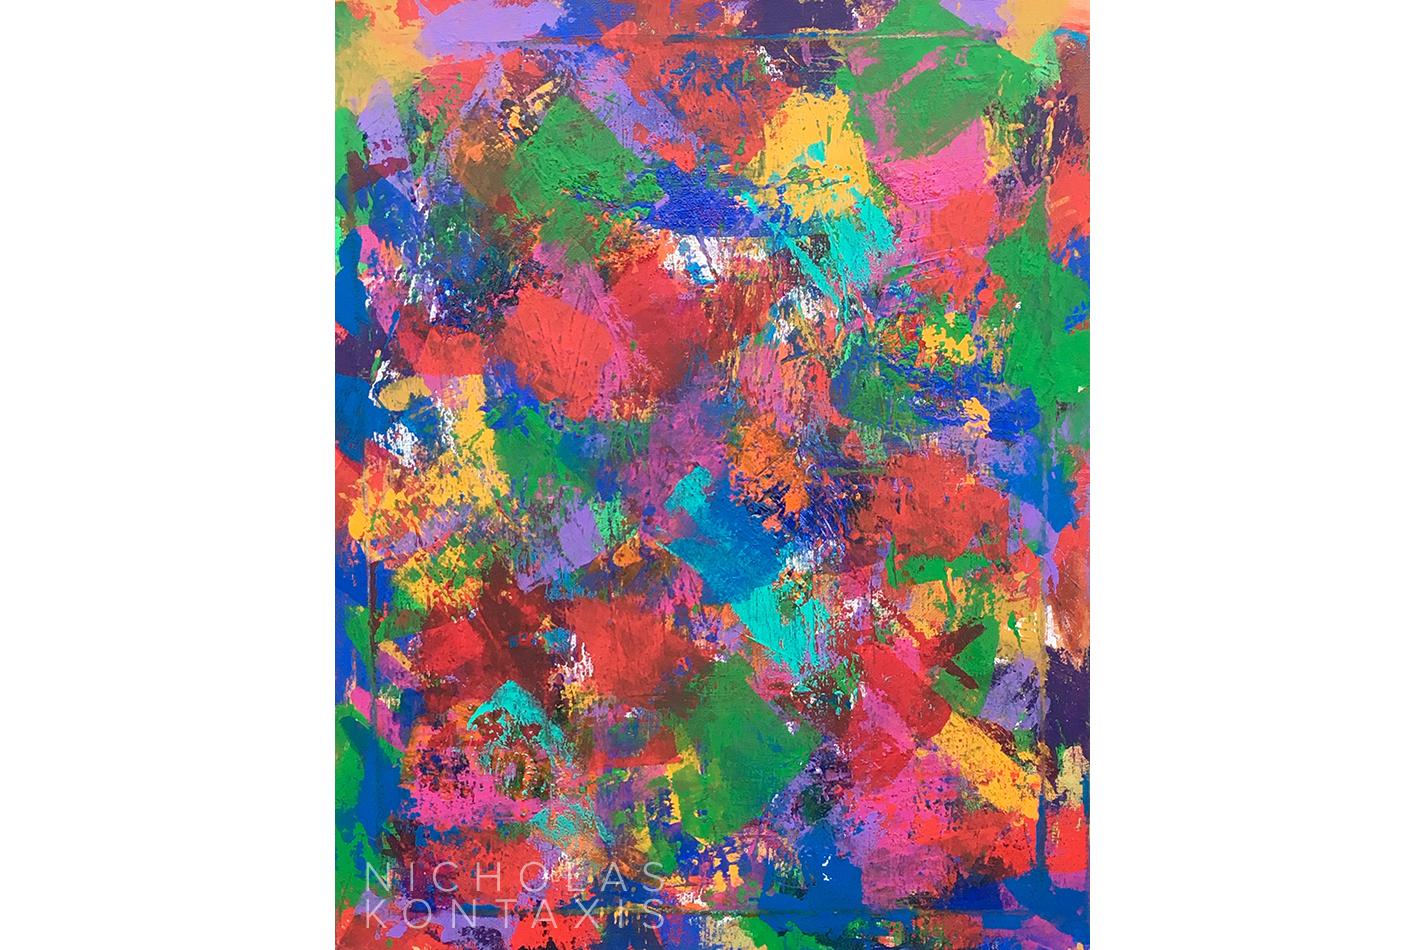 C2 Blue Dress 16x20 copy.jpg